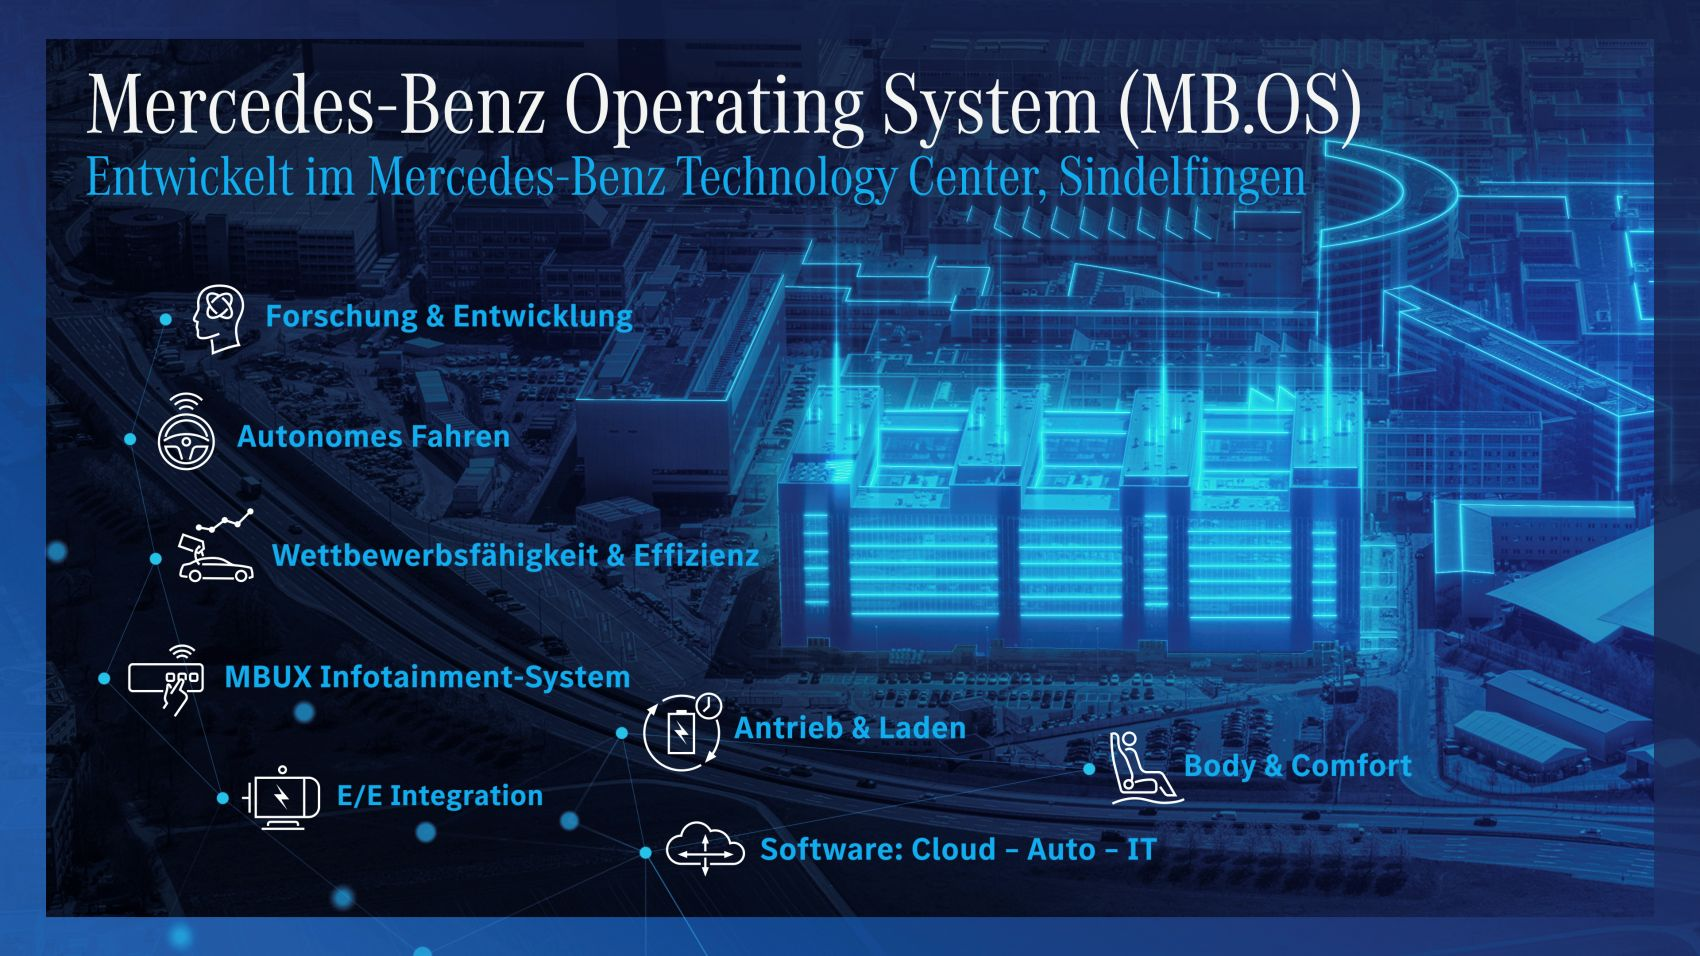 MB.OS